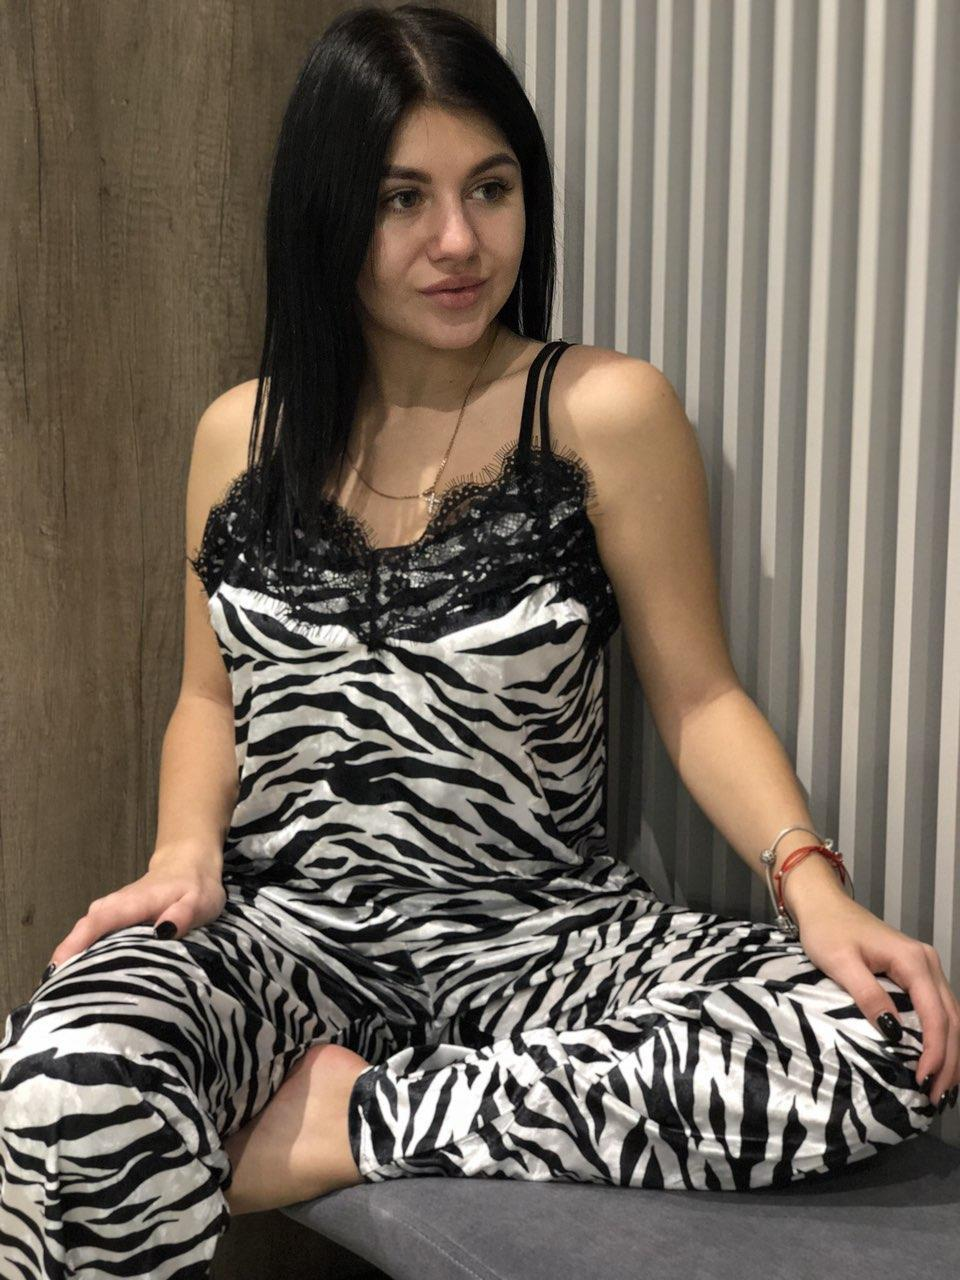 Пижама велюровая со штанами - зебра, велюровые пижамы теплые.